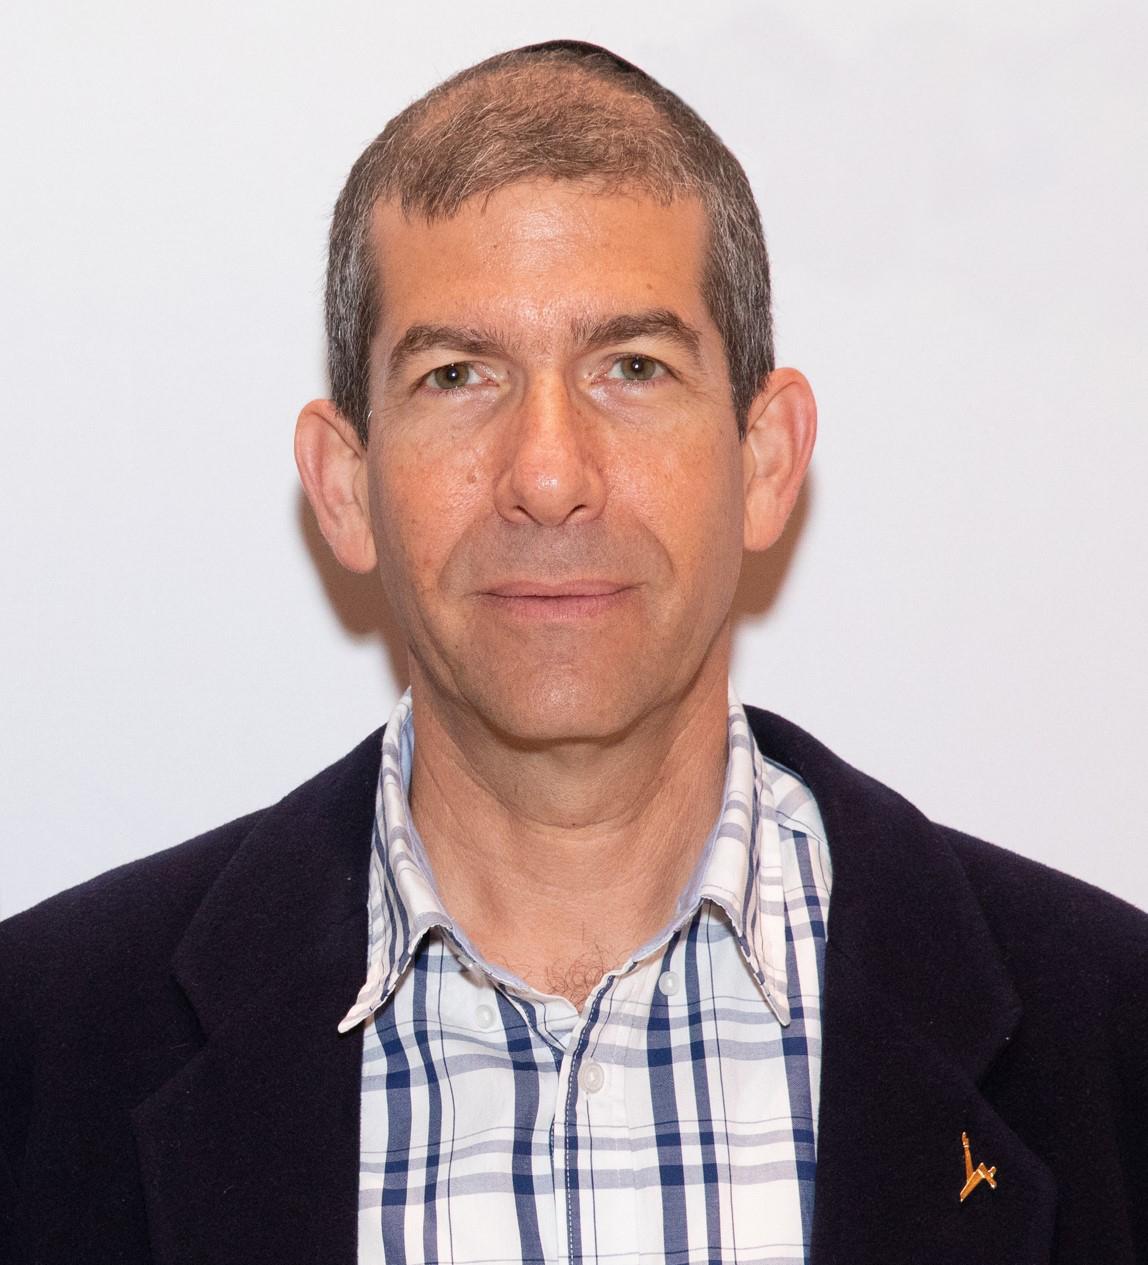 פרופ' חגי איזנברג, האוניברסיטה העברית. צילום באדיבותו